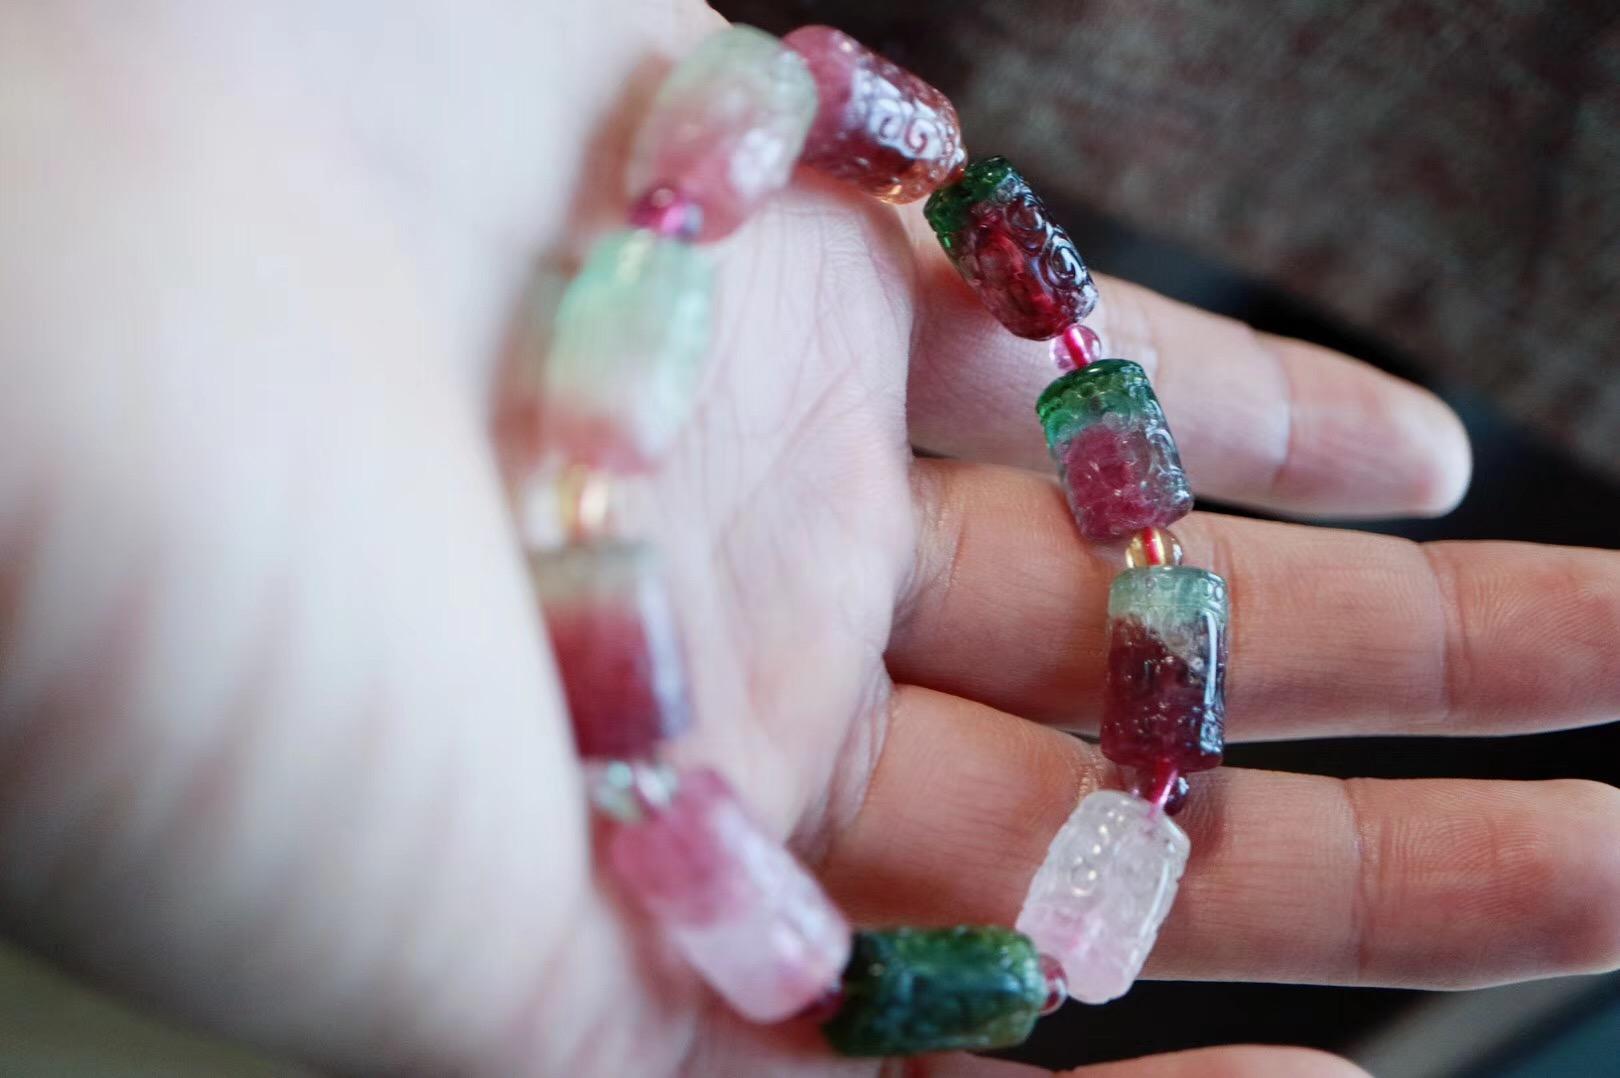 【菩心 | 西瓜碧玺】 大自然的鬼斧神工,譬如这款宛若红皮绿瓤的西瓜碧玺~~-菩心晶舍